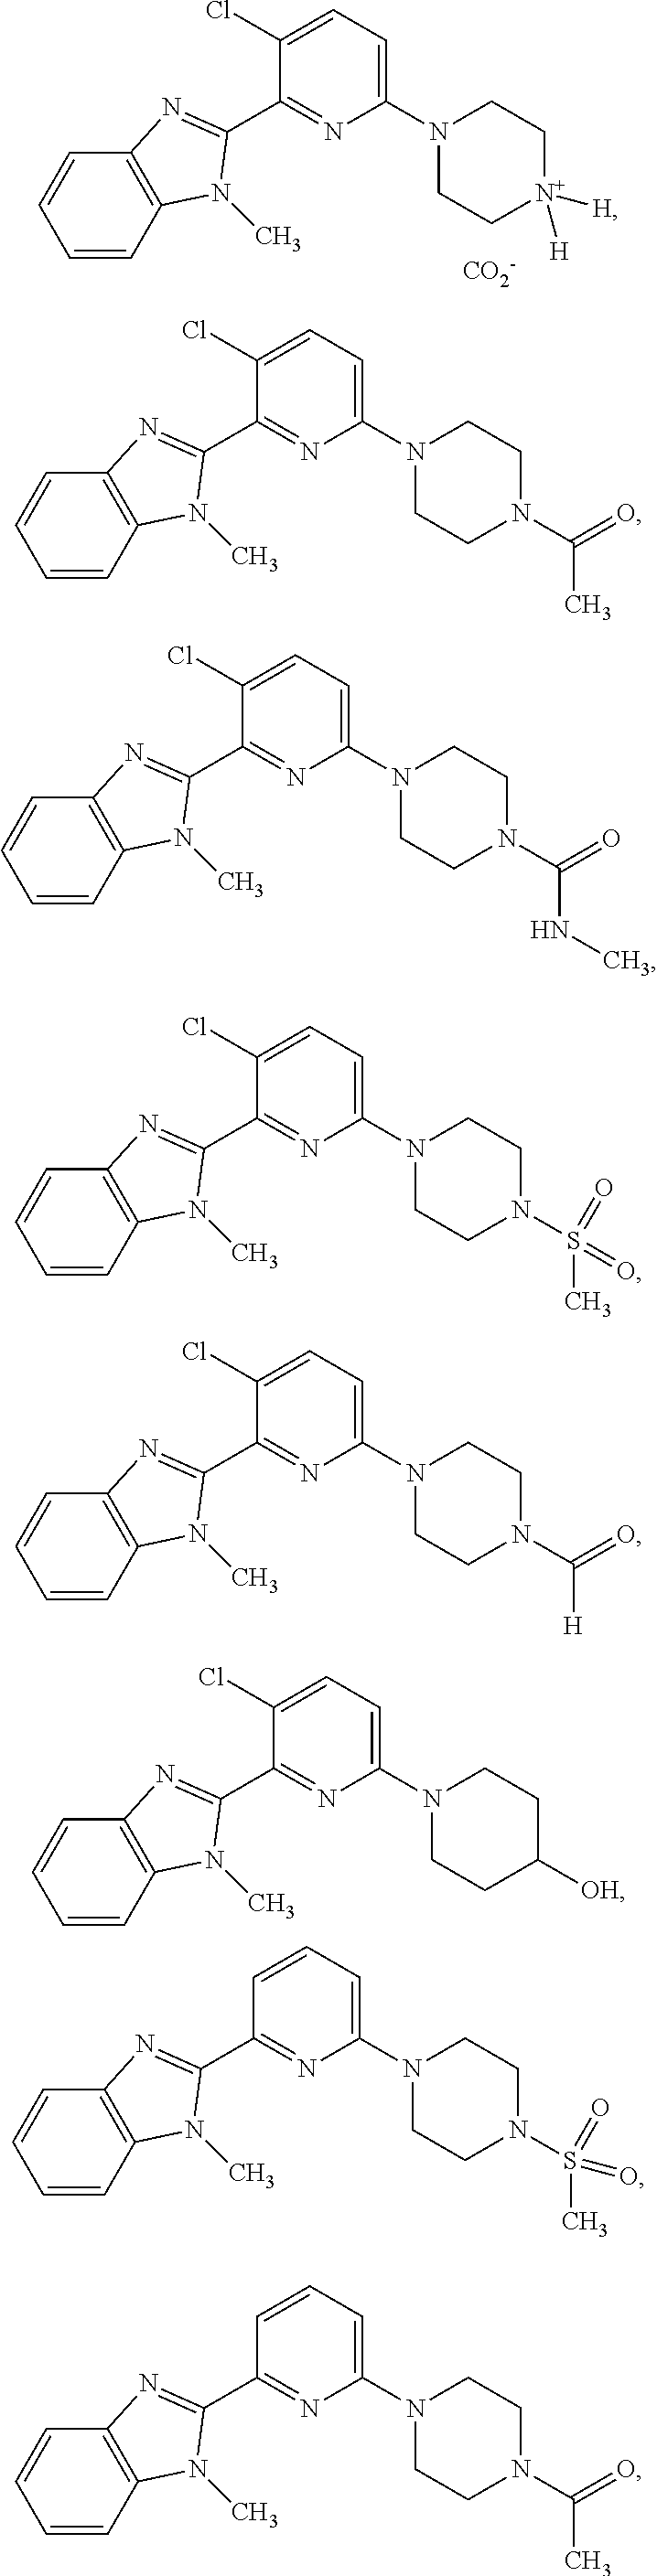 Figure US20120157471A1-20120621-C00028